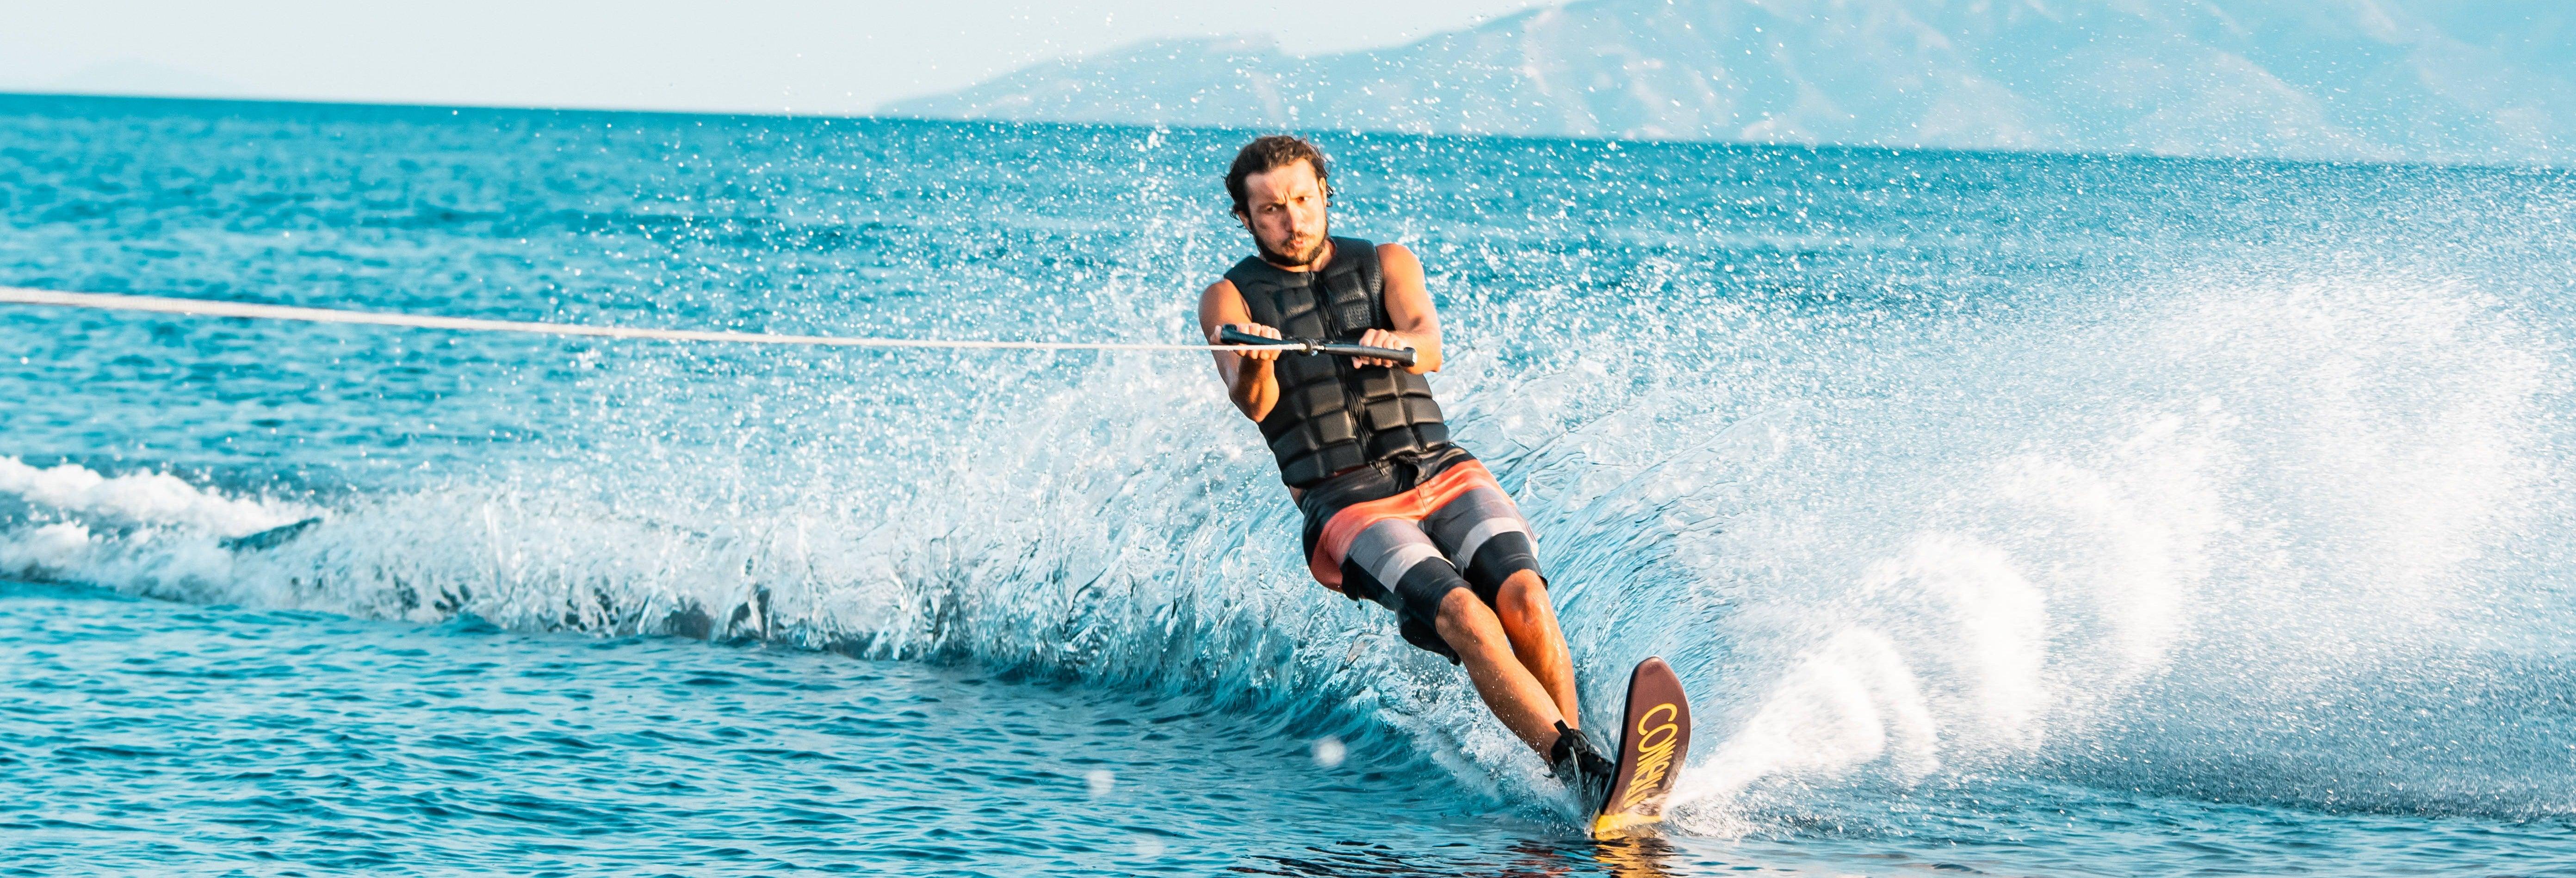 Water Skiing in Mykonos